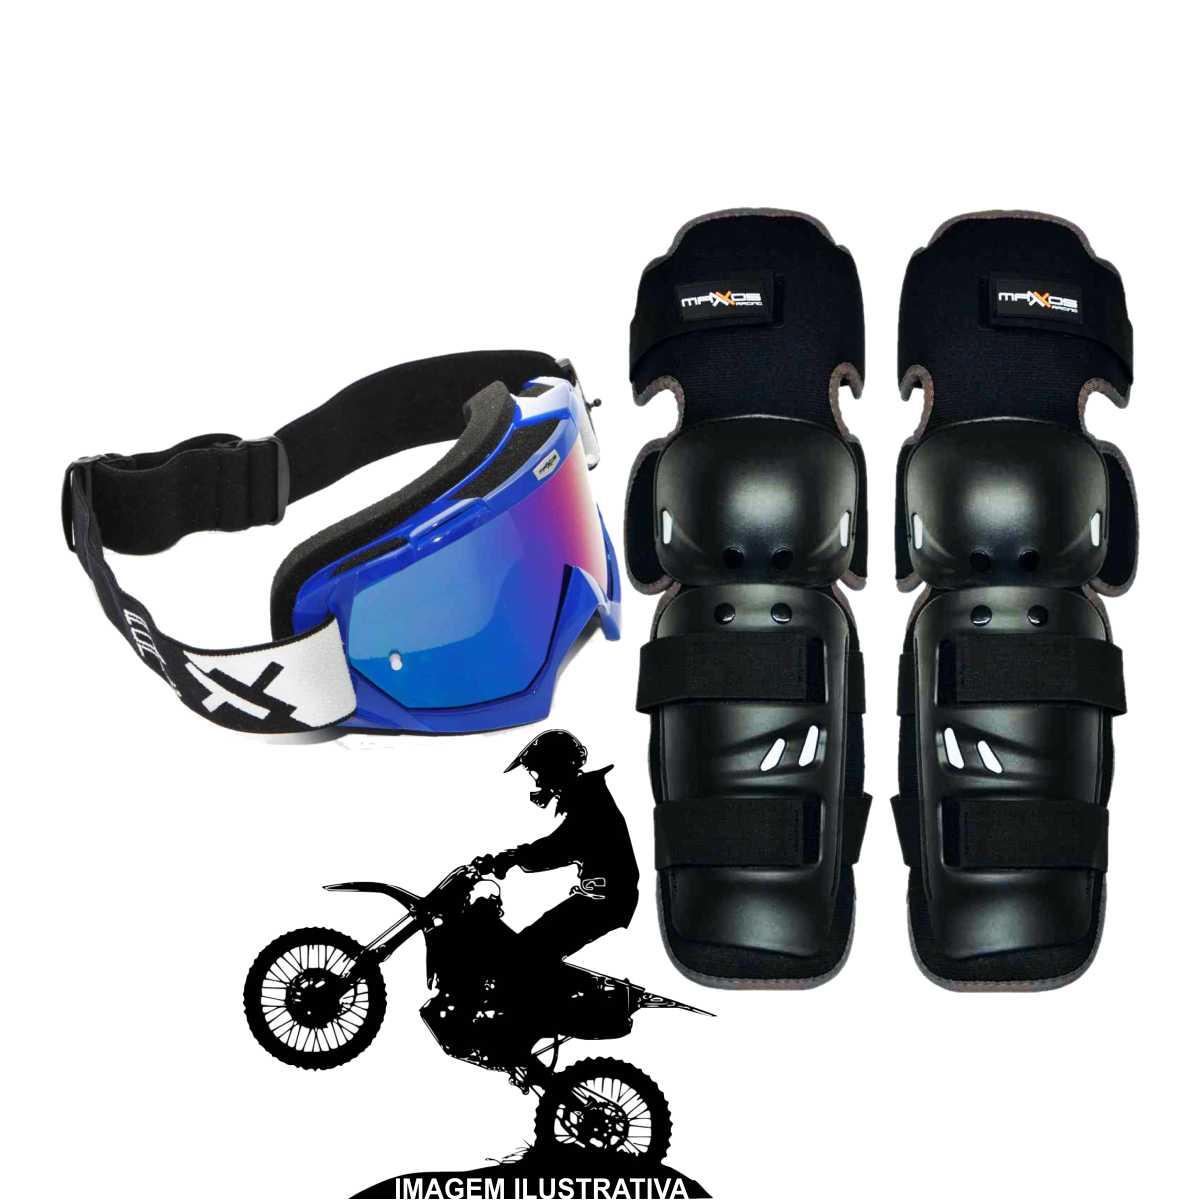 KIT JOELHEIRA DE MOTOCROSS MATTOS RACING MX1 PRETO + ÓCULOS COMBAT TRILHA OFF-ROAD LENTE ESPELHADA